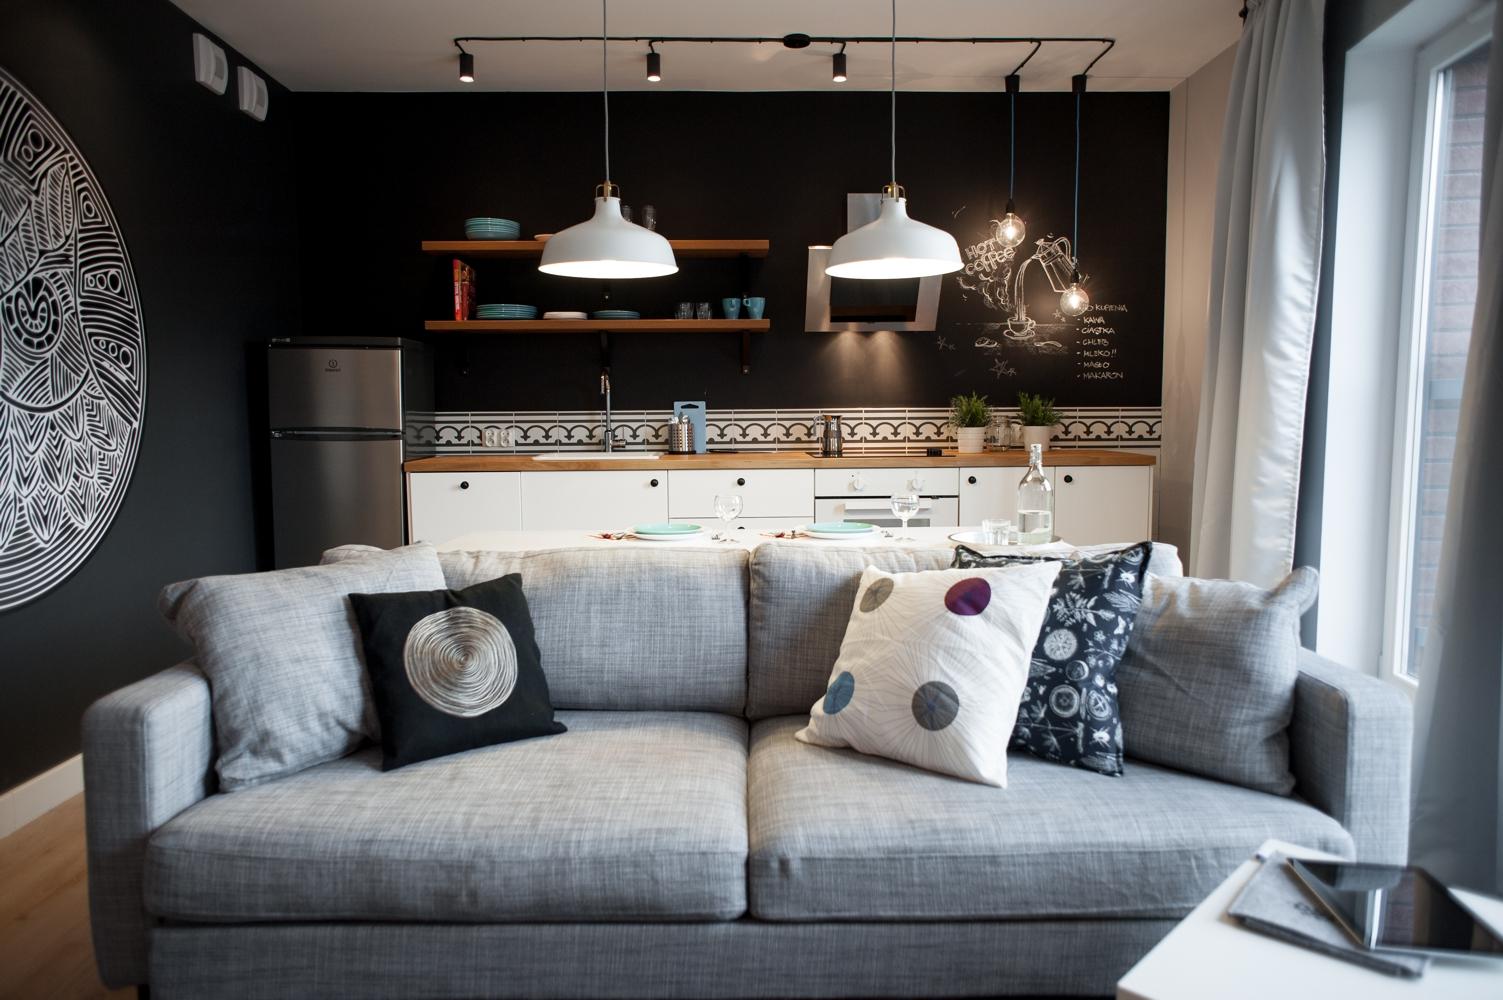 апартамент в сиво, черно, бяло и дърво - 1